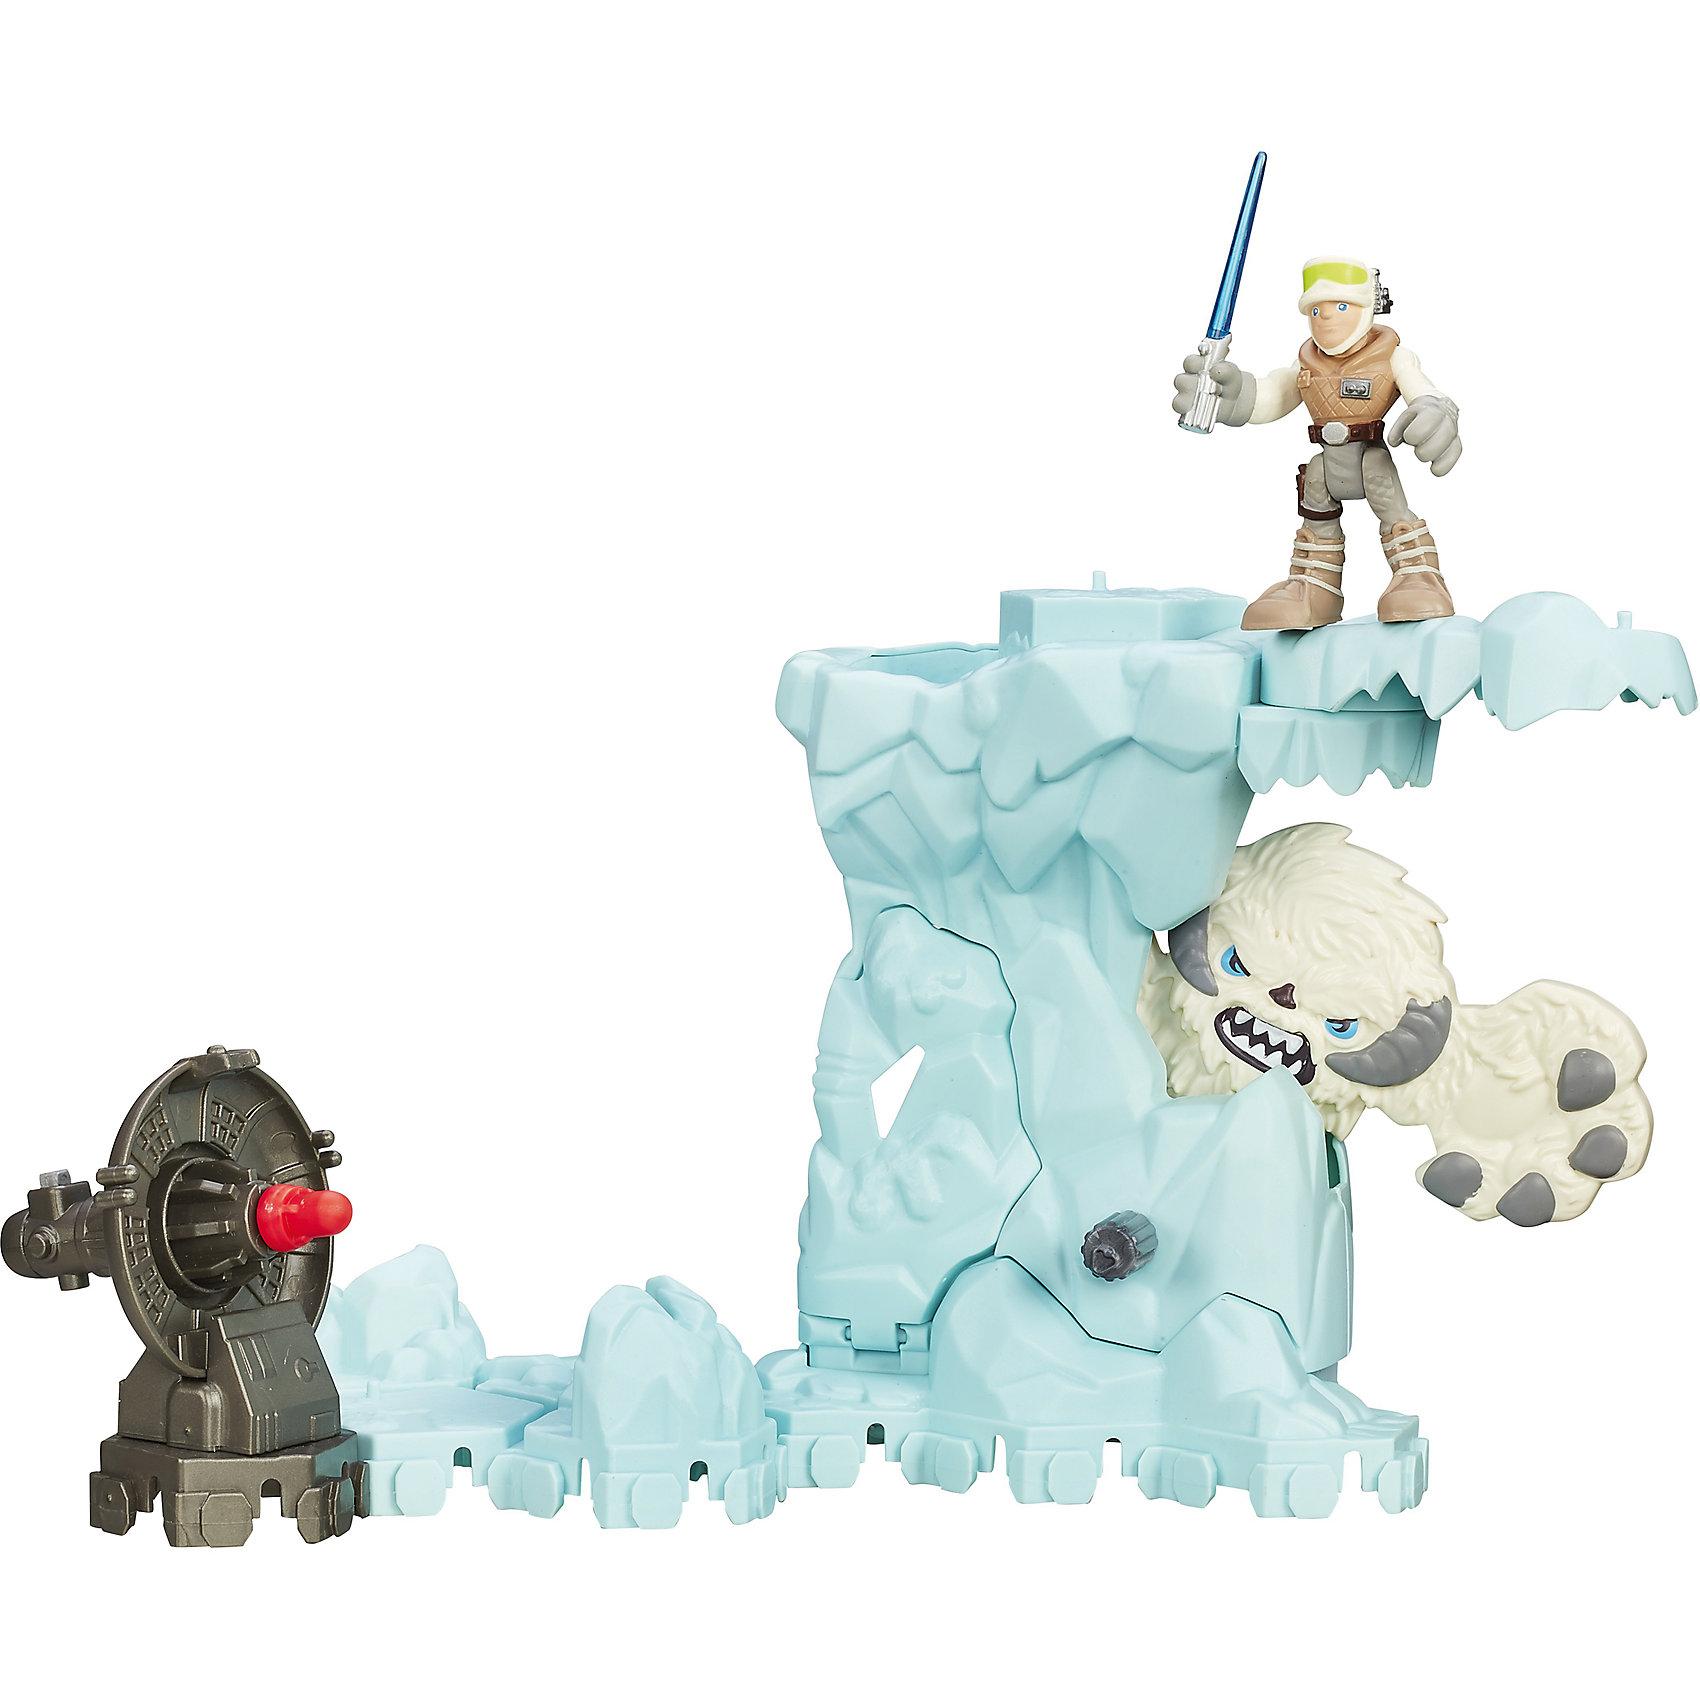 Набор Приключение, Звездные войны, PLAYSKOOL Heroes, B2031/B2030Игровые наборы<br>Набор Приключение порадует самых юных поклонников известной киносаги Star Wars. Помоги Люку Скайуокеру преодолеть грозного Вампу в ледяной пещере. Если покрутить колесо, чудовище выползет из укрытия - выстрели в него из мощного пулемета или порази световым мечом.<br>Все детали набора выполнены из высококачественного экологичного пластика с применением безопасных красителей.<br><br>Дополнительная информация:<br><br>- Материал: пластик.<br>- Размер упаковки: 20, 25,4х8 см.<br>- Высота фигурки Люка Скайуокера: 5 см. <br>- Комплектация: ледяная стена, фигурка Люка Скайуокера, фигурка Вампы, оружие, снаряд.<br>- Фигурка с подвижными конечностями. <br><br>Набор Приключение, Звездные войны, PLAYSKOOL Heroes, можно купить в нашем магазине.<br><br>Ширина мм: 81<br>Глубина мм: 254<br>Высота мм: 203<br>Вес г: 549<br>Возраст от месяцев: 36<br>Возраст до месяцев: 84<br>Пол: Мужской<br>Возраст: Детский<br>SKU: 4563931